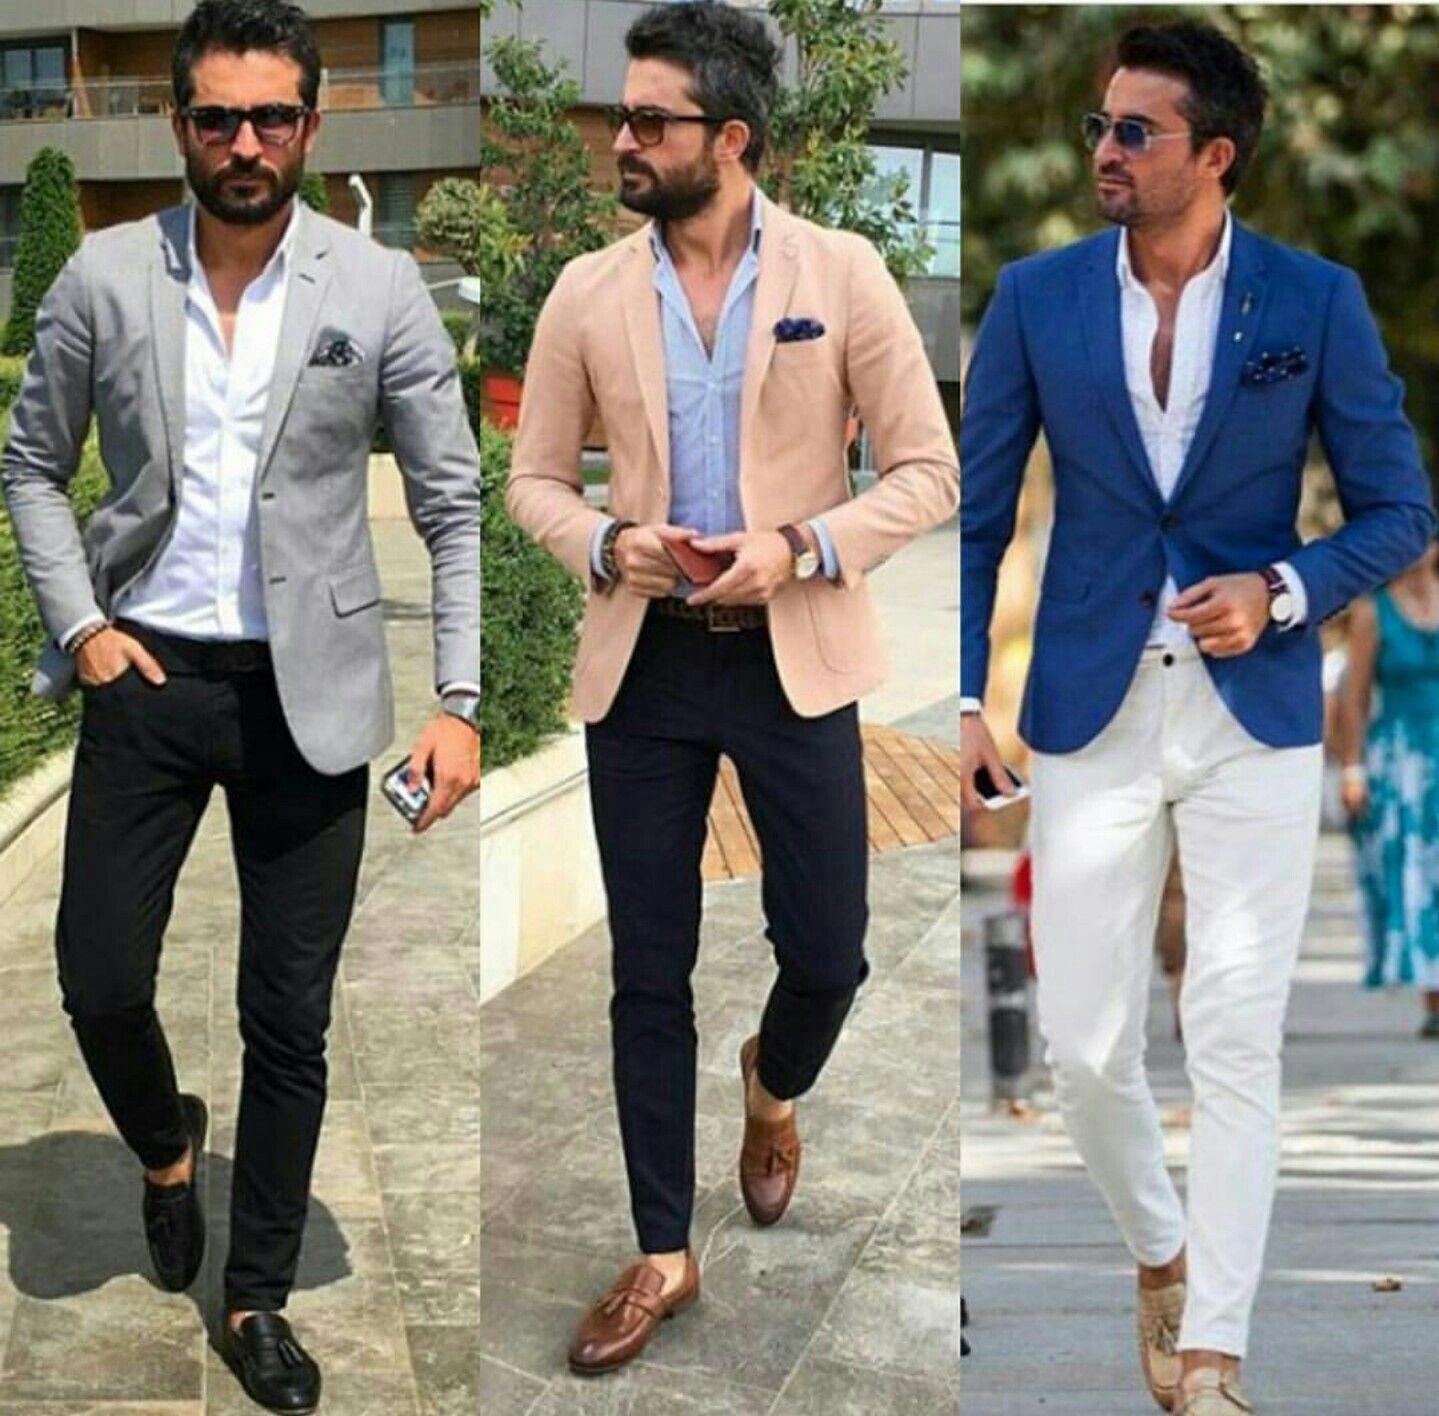 Mens Fashion Hair Longtshirtmensfashion Id 6756389552 Mens Fashion Blazer Blazer Outfits Men Formal Men Outfit